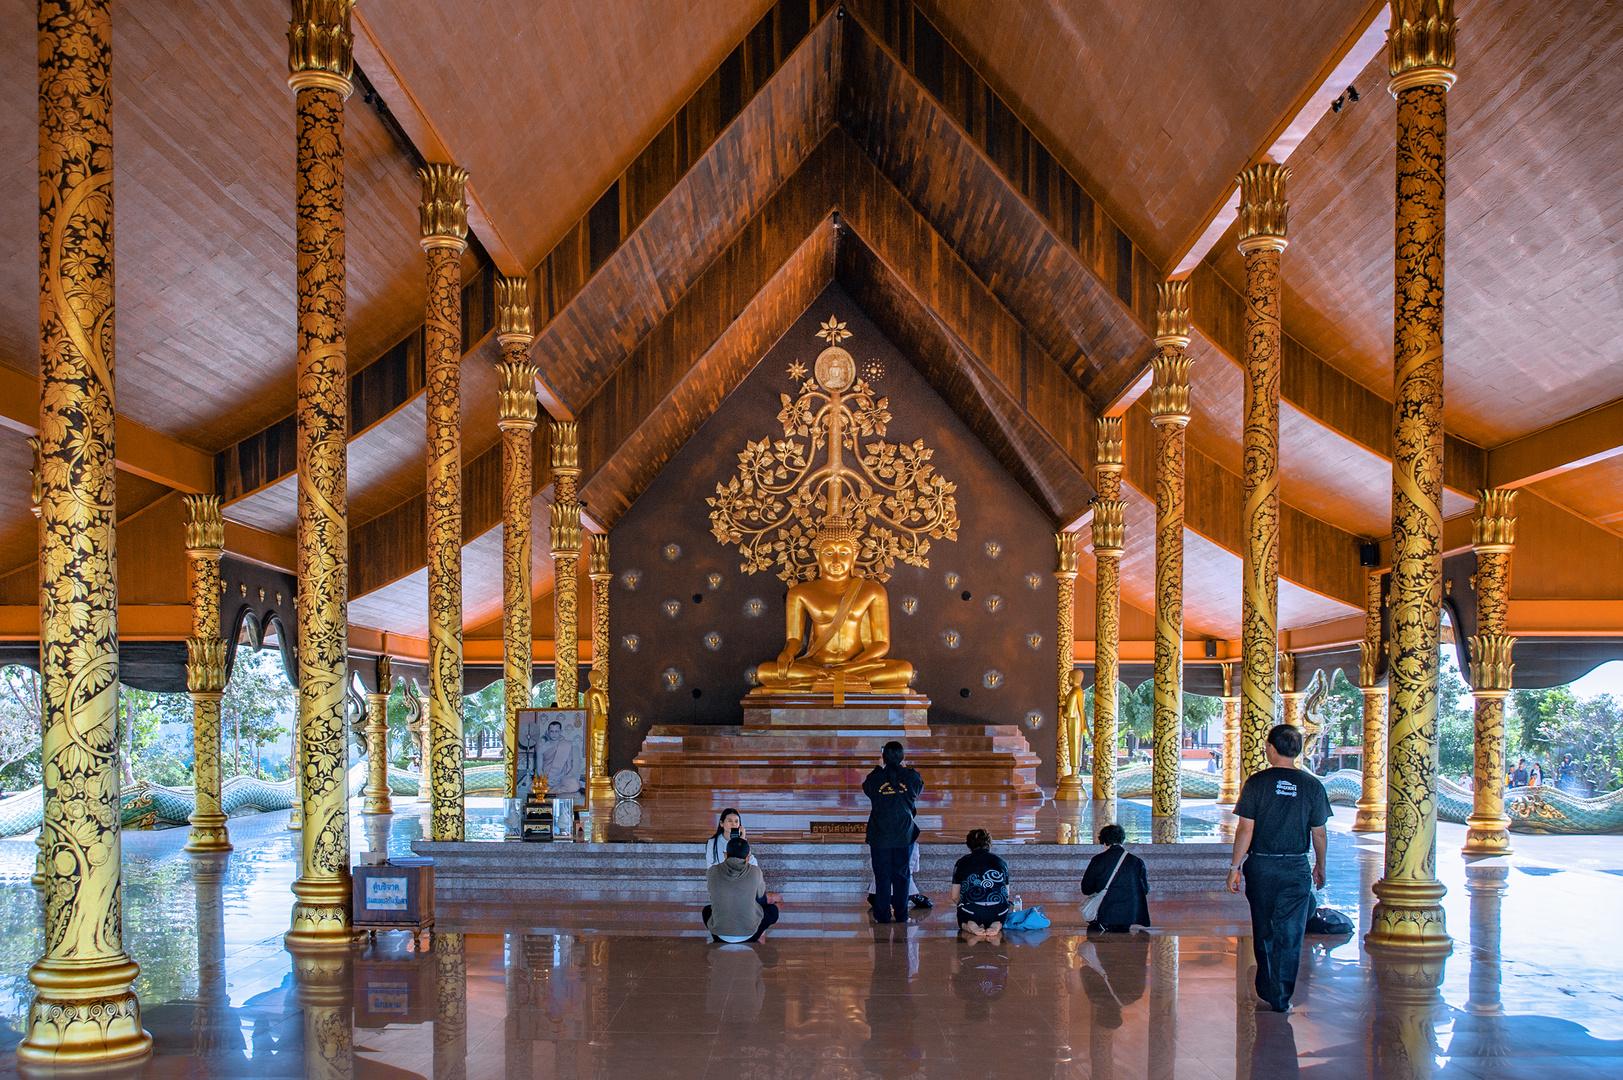 Altar inside Wat Sirindhorn